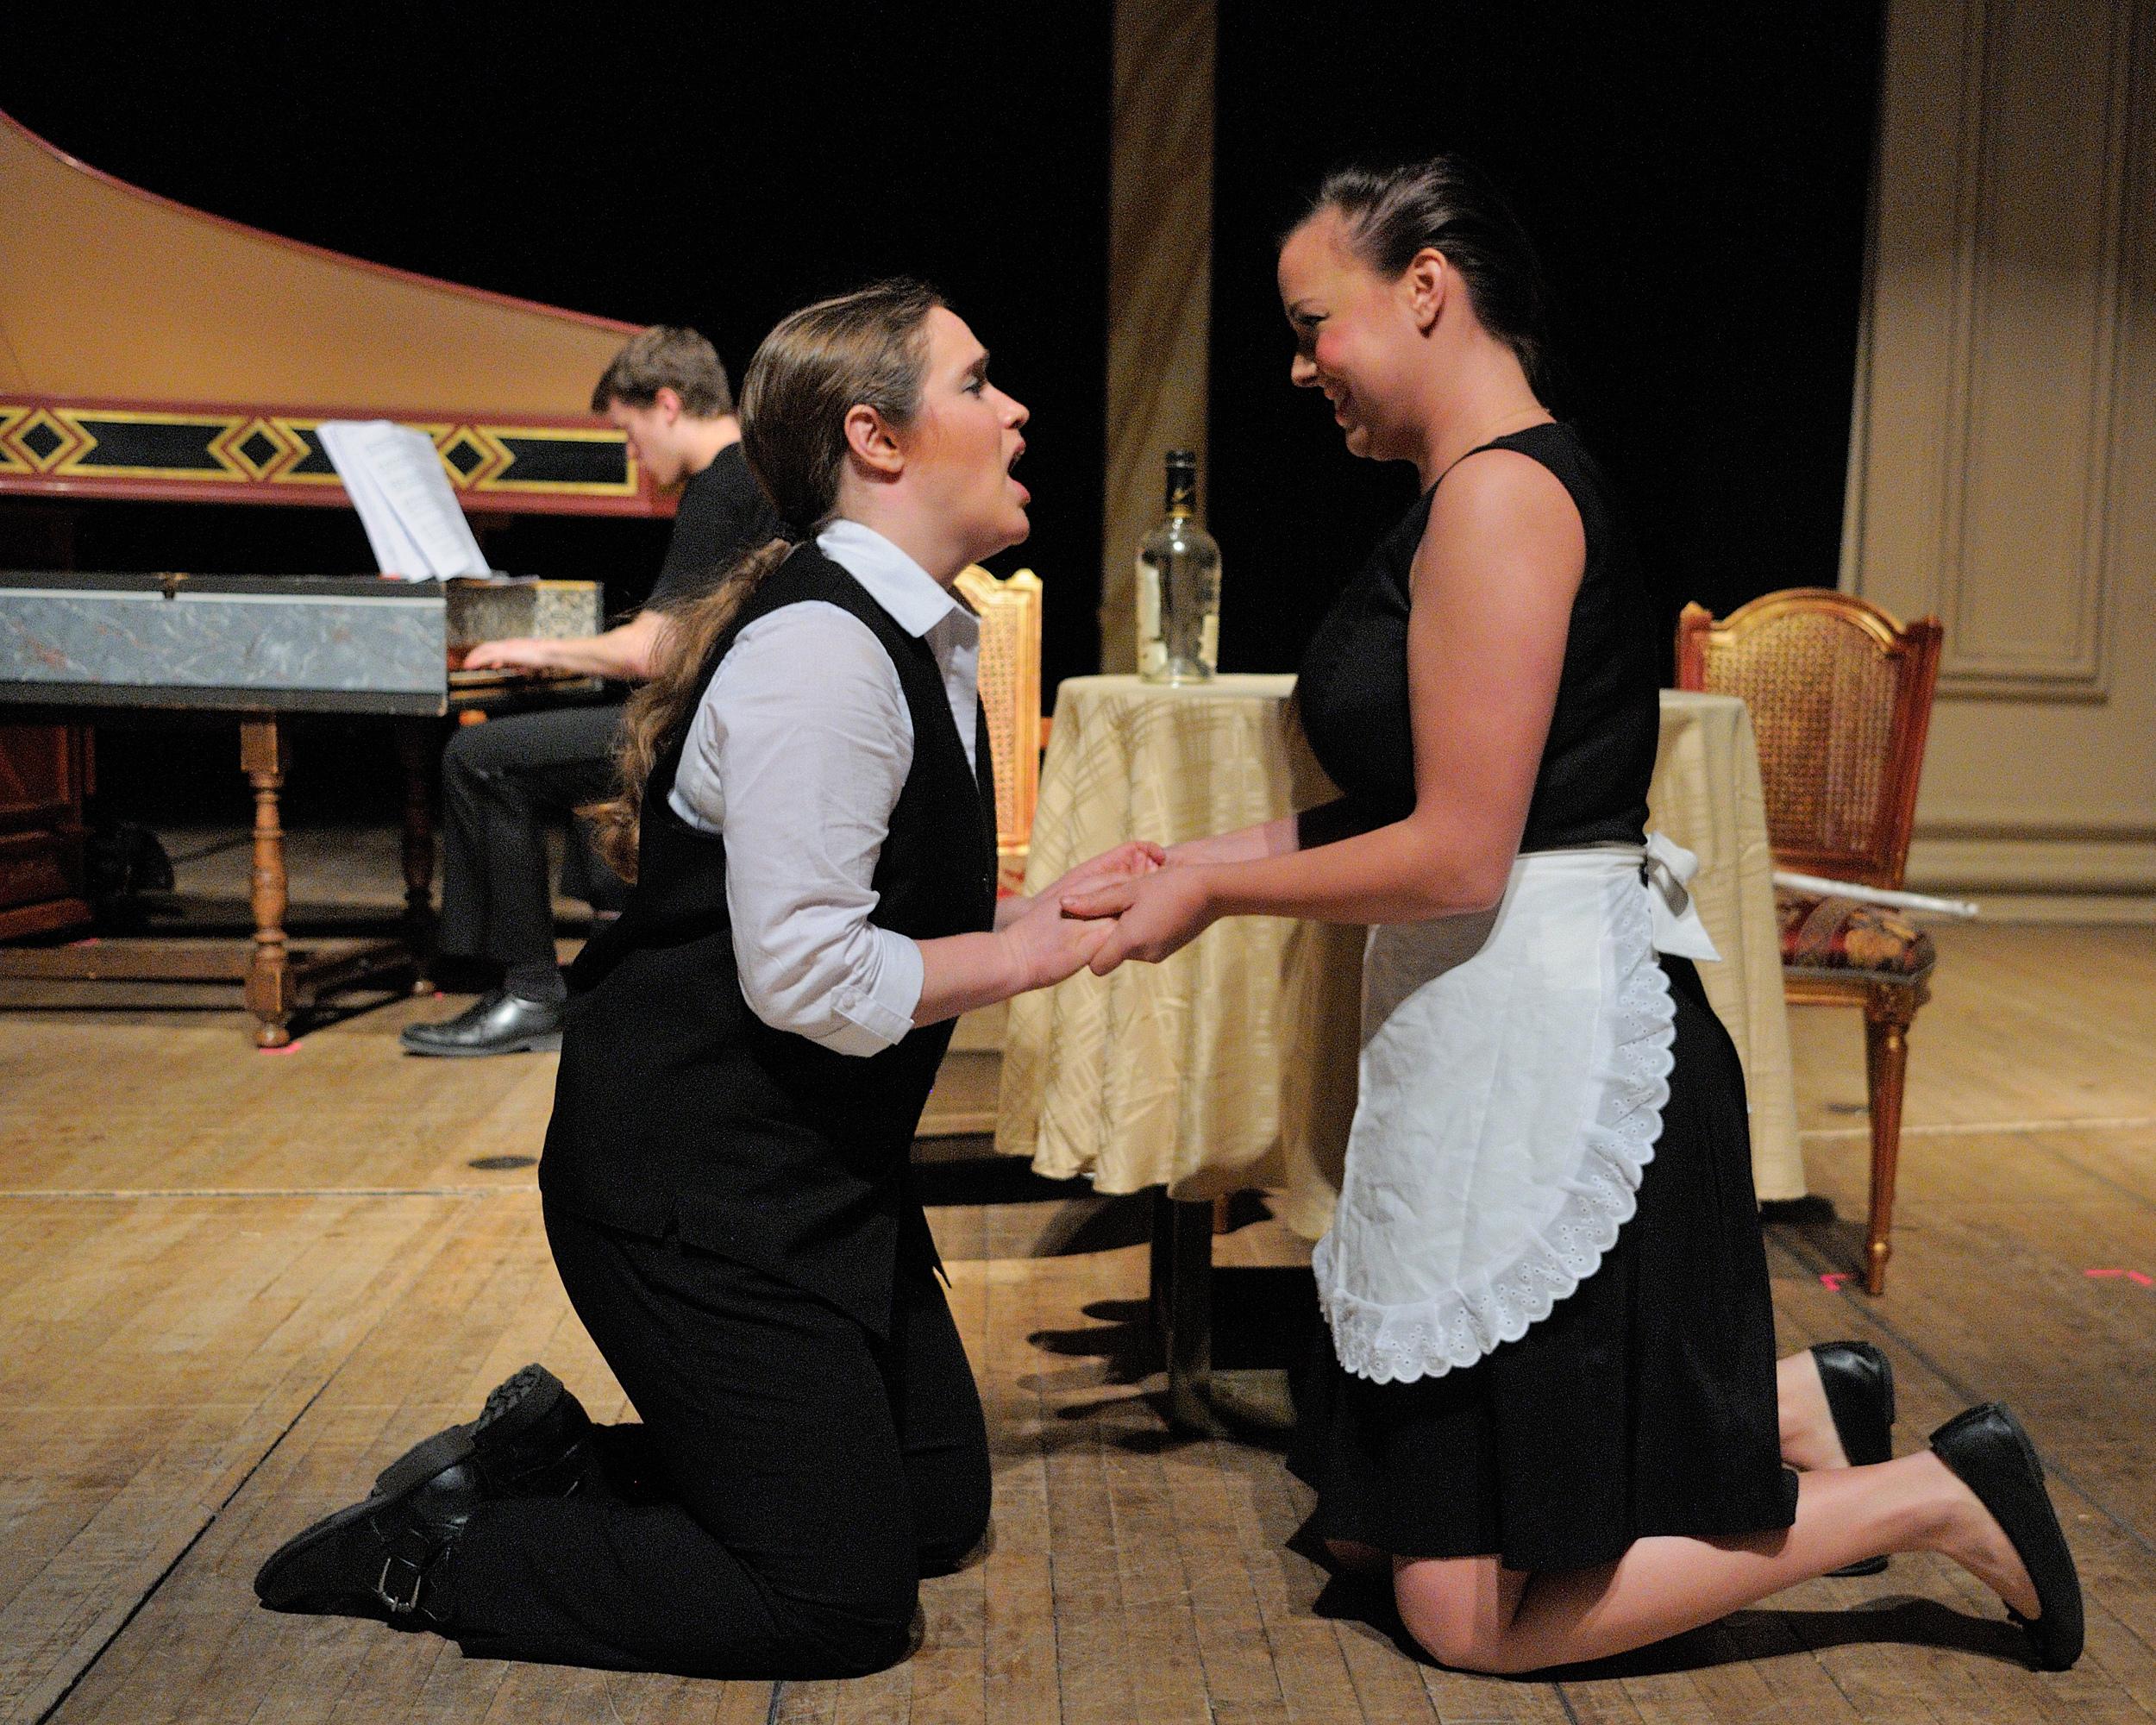 L'Incoronazione di Poppea , Peabody Conservatory, October 2013 - with soprano Rebecca Wood